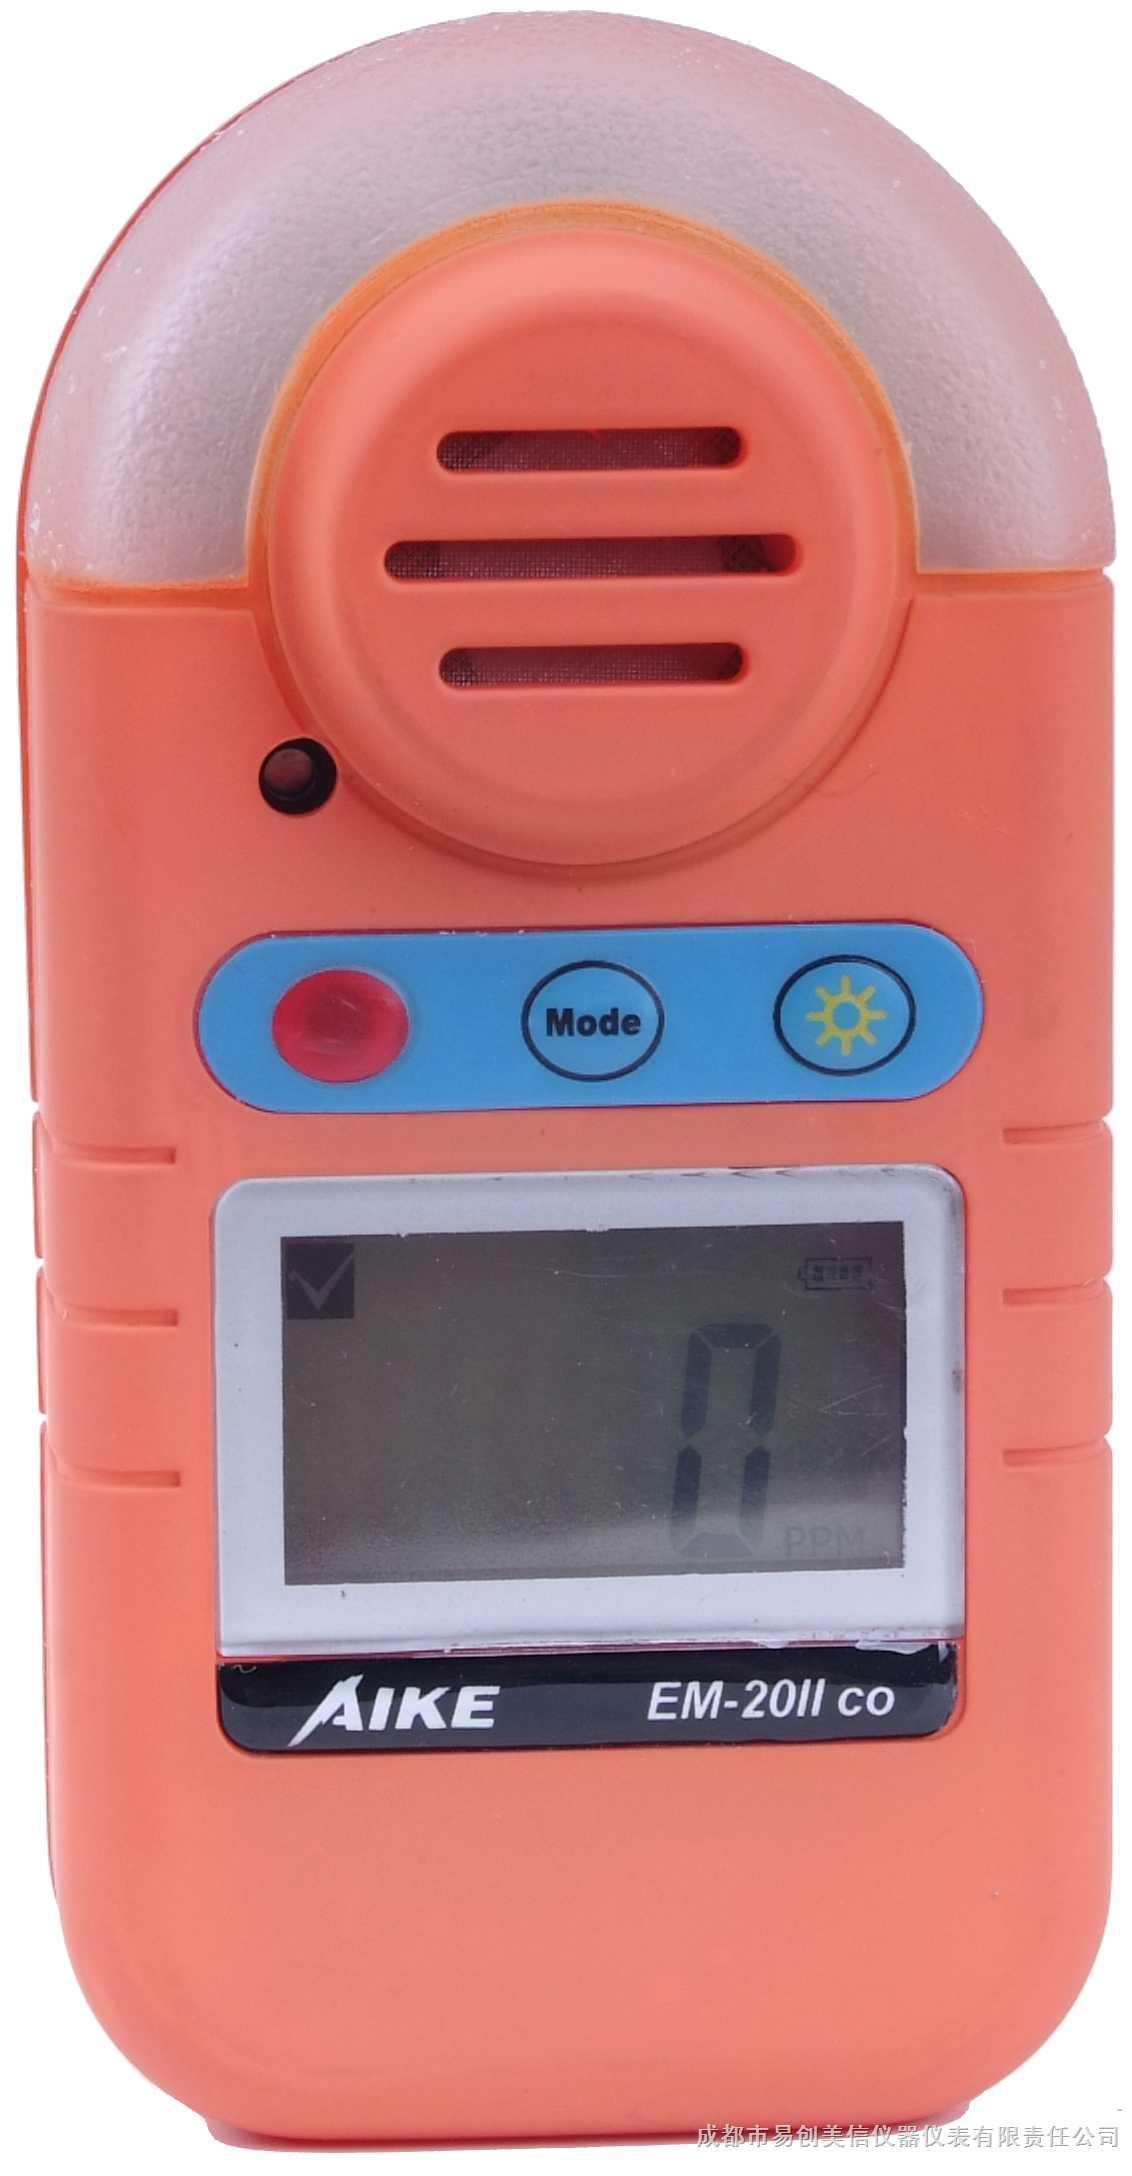 澳洲新仪器EM-20Ⅱ氧气气体检测仪